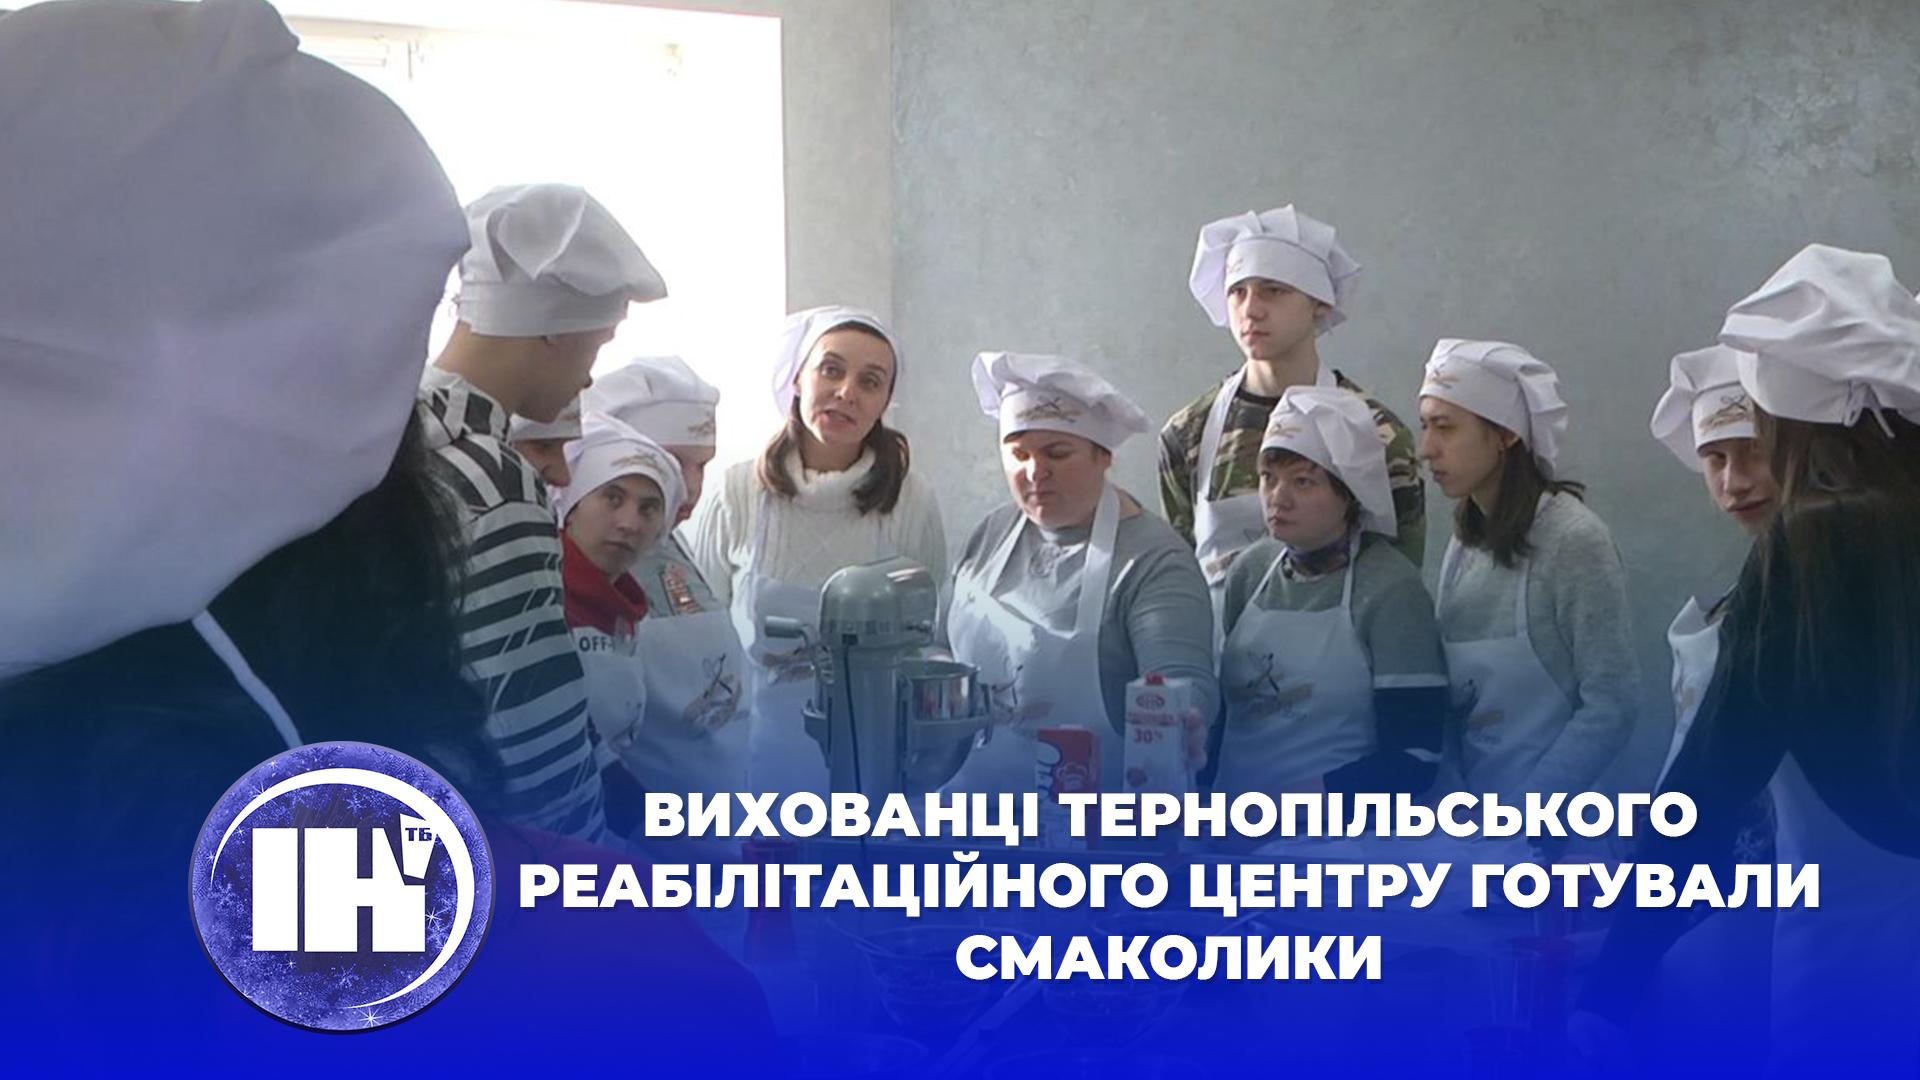 Вихованці тернопільського реабілітаційного центру готували смаколики